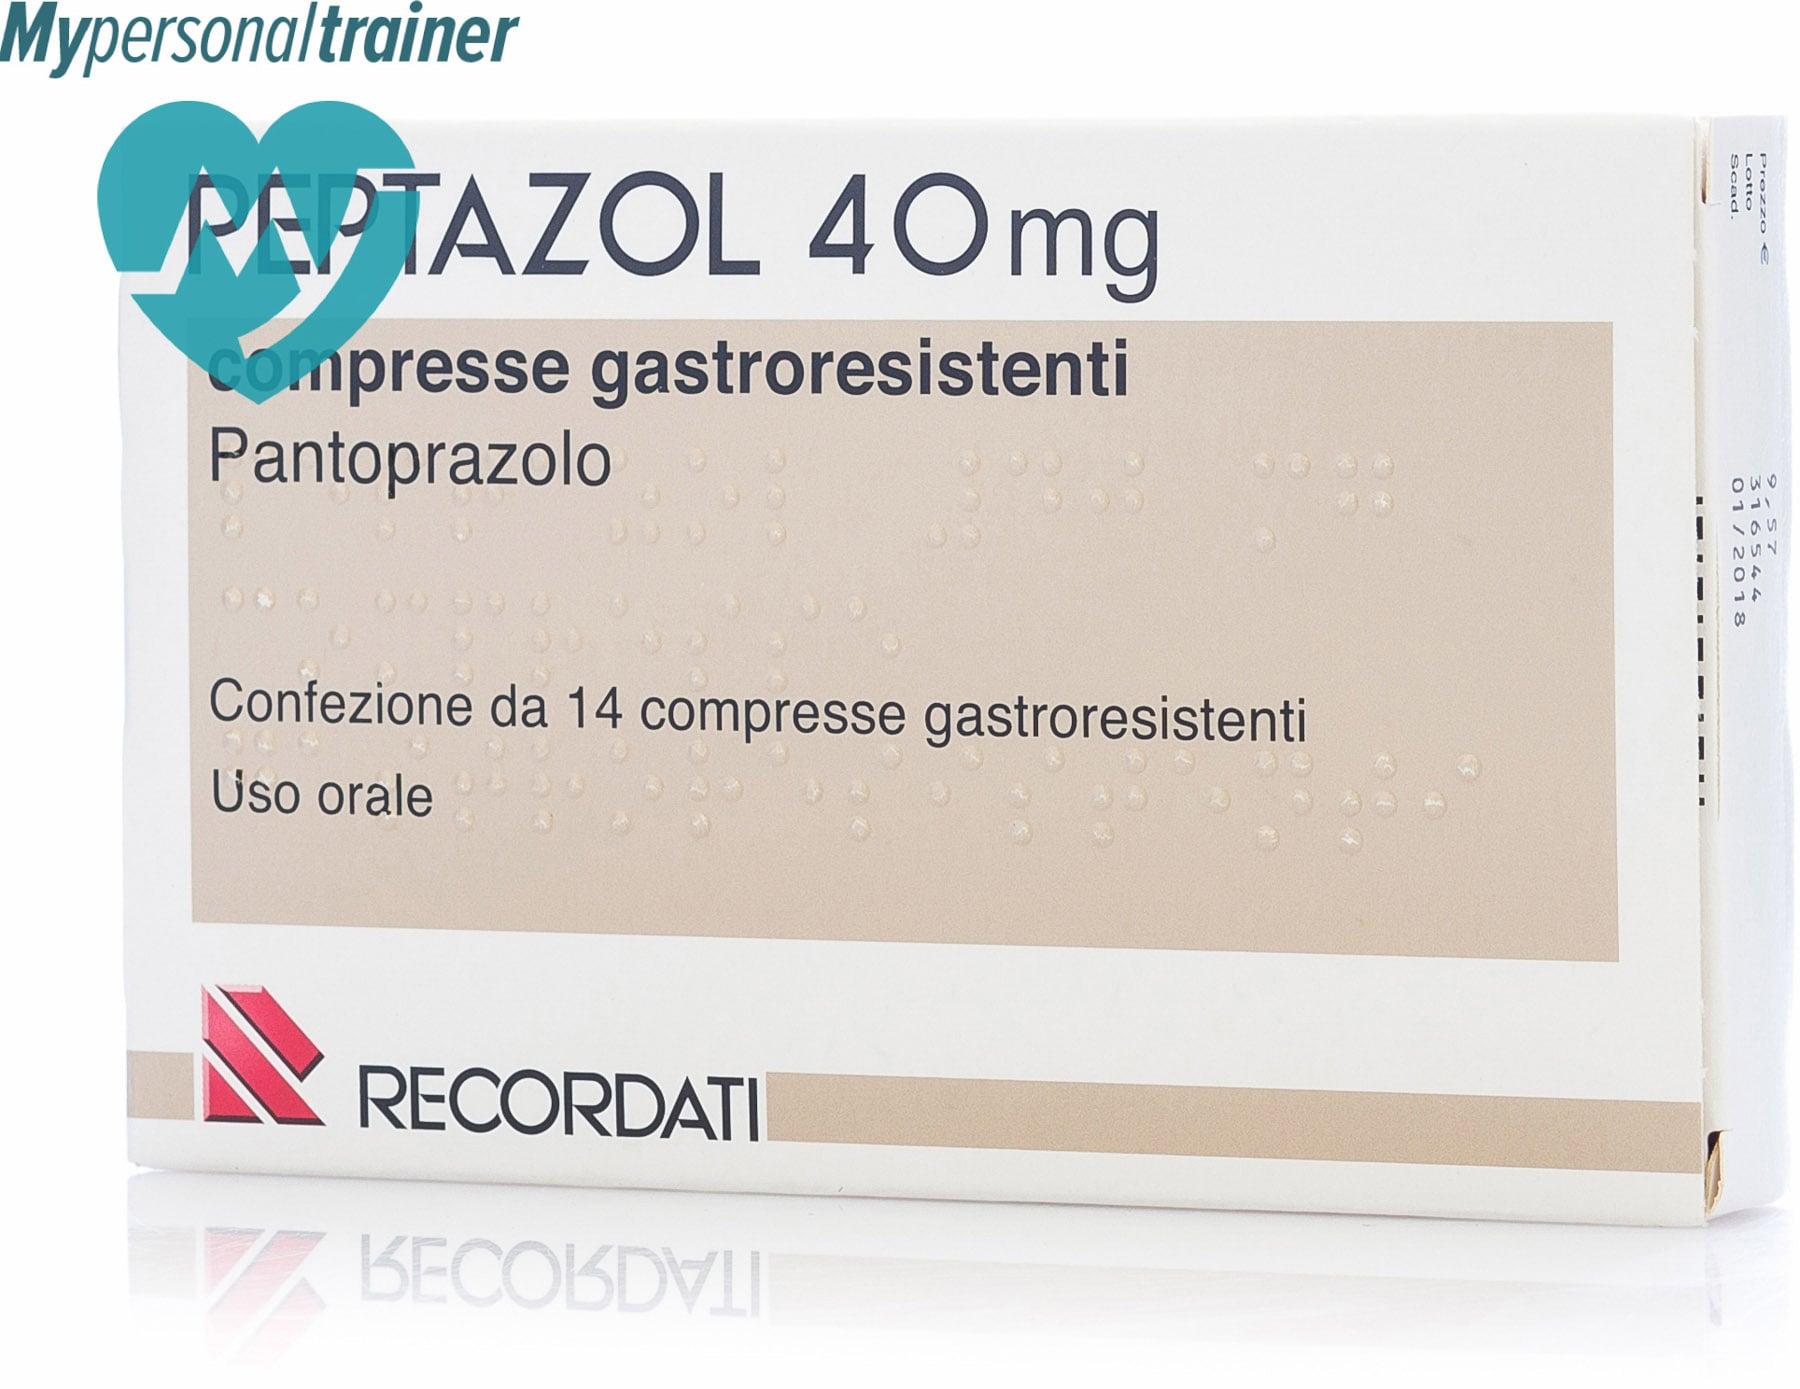 Pantoprazolo